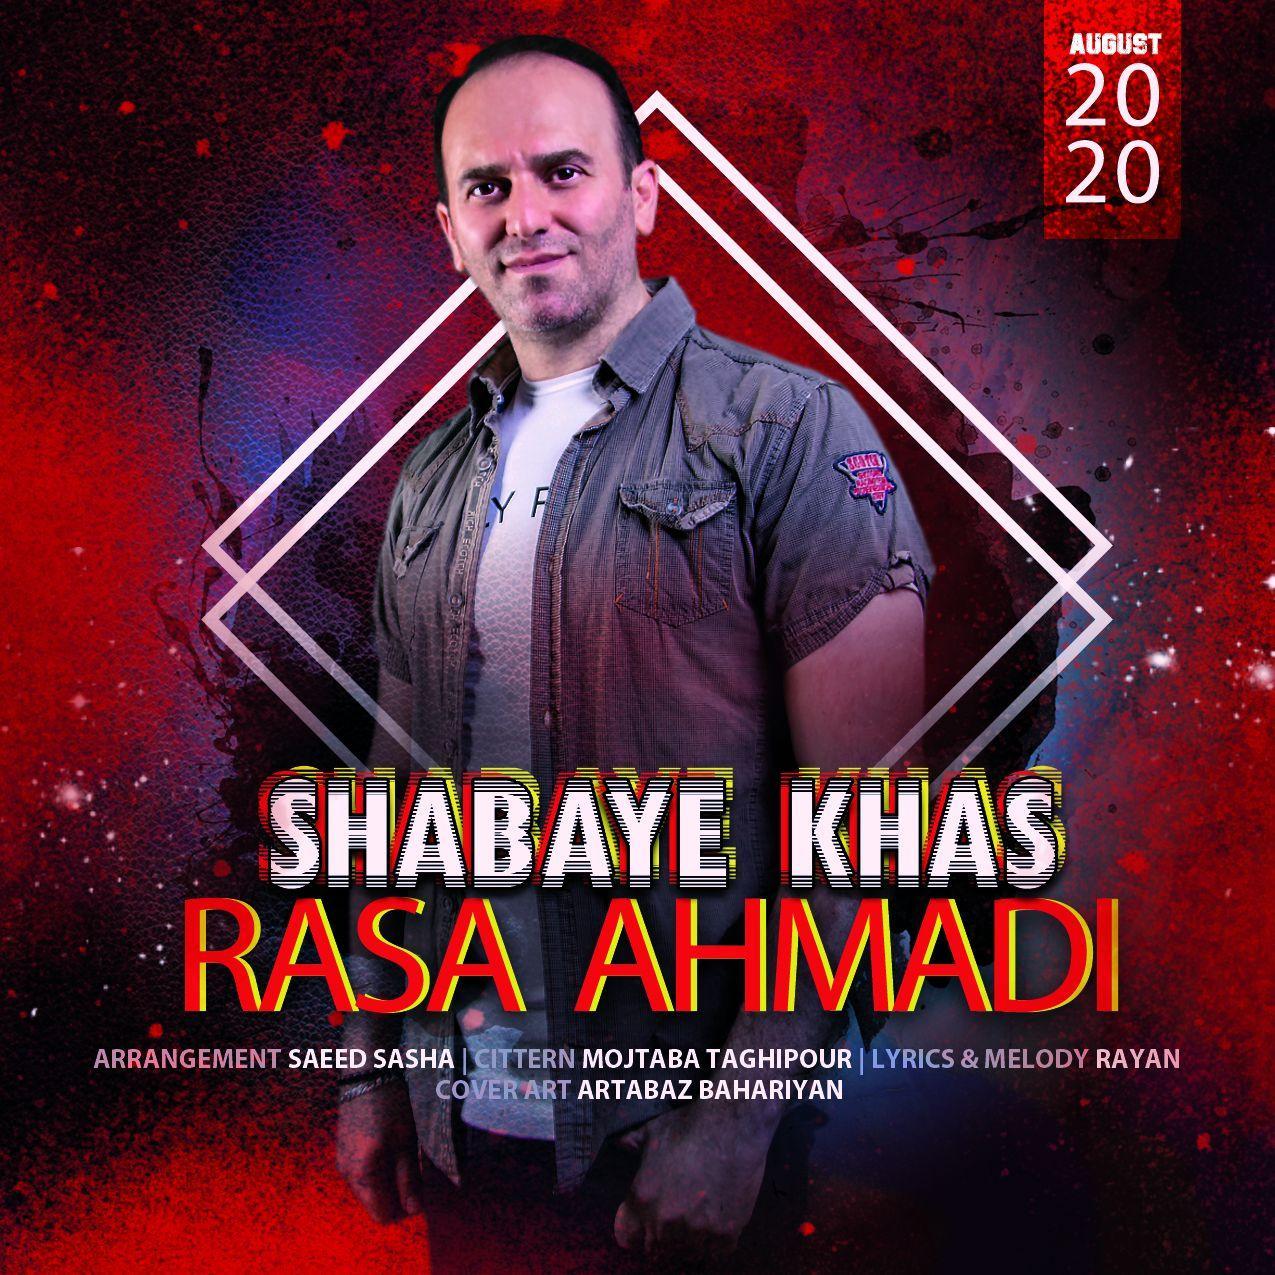 Rasa Ahmadi – Shabaye Khas